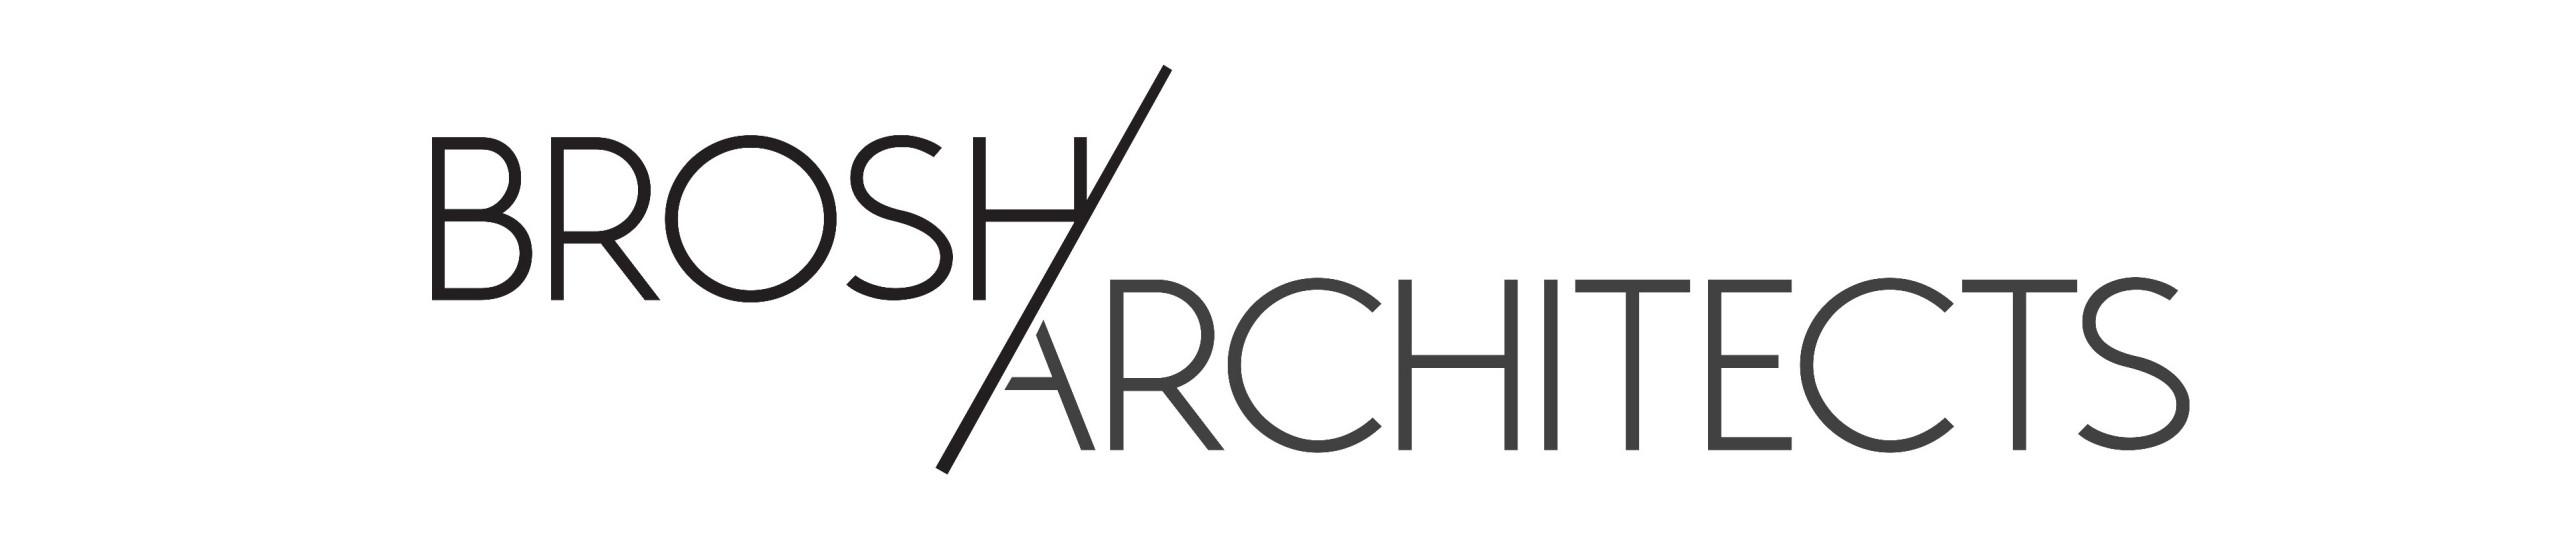 Brosh Architects